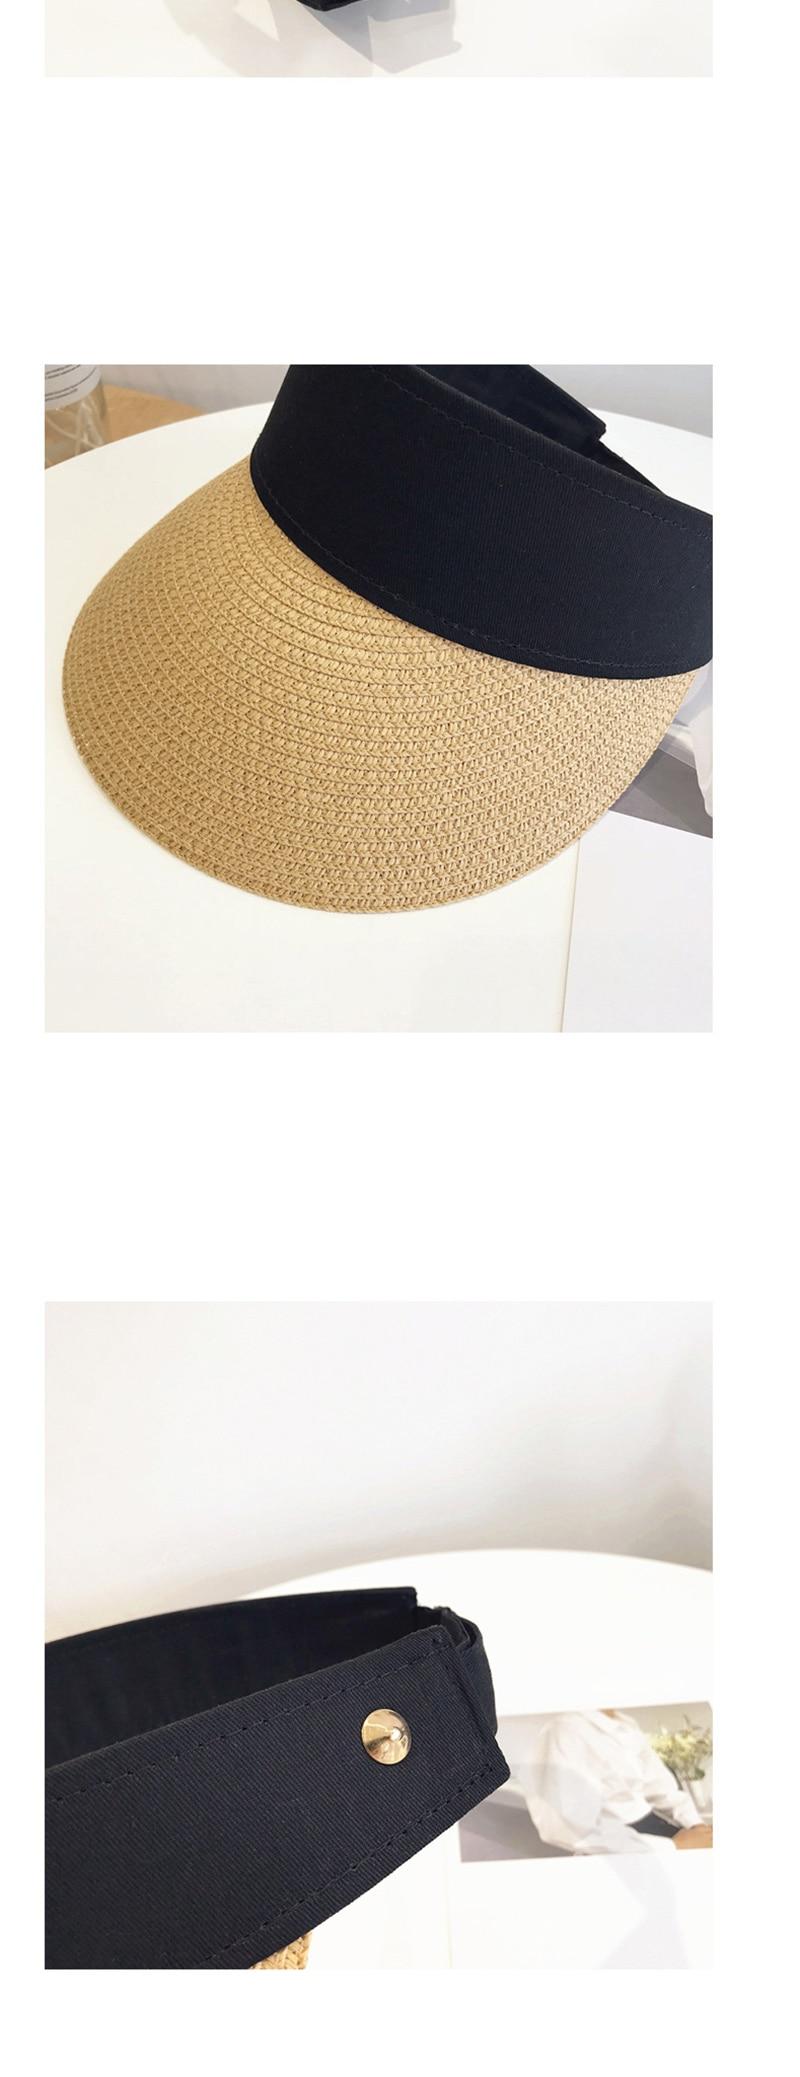 成人帽-帽子女夏天休闲百搭出游防紫外线韩版夏季可折叠防晒太阳帽遮阳帽-成人帽尽在._10